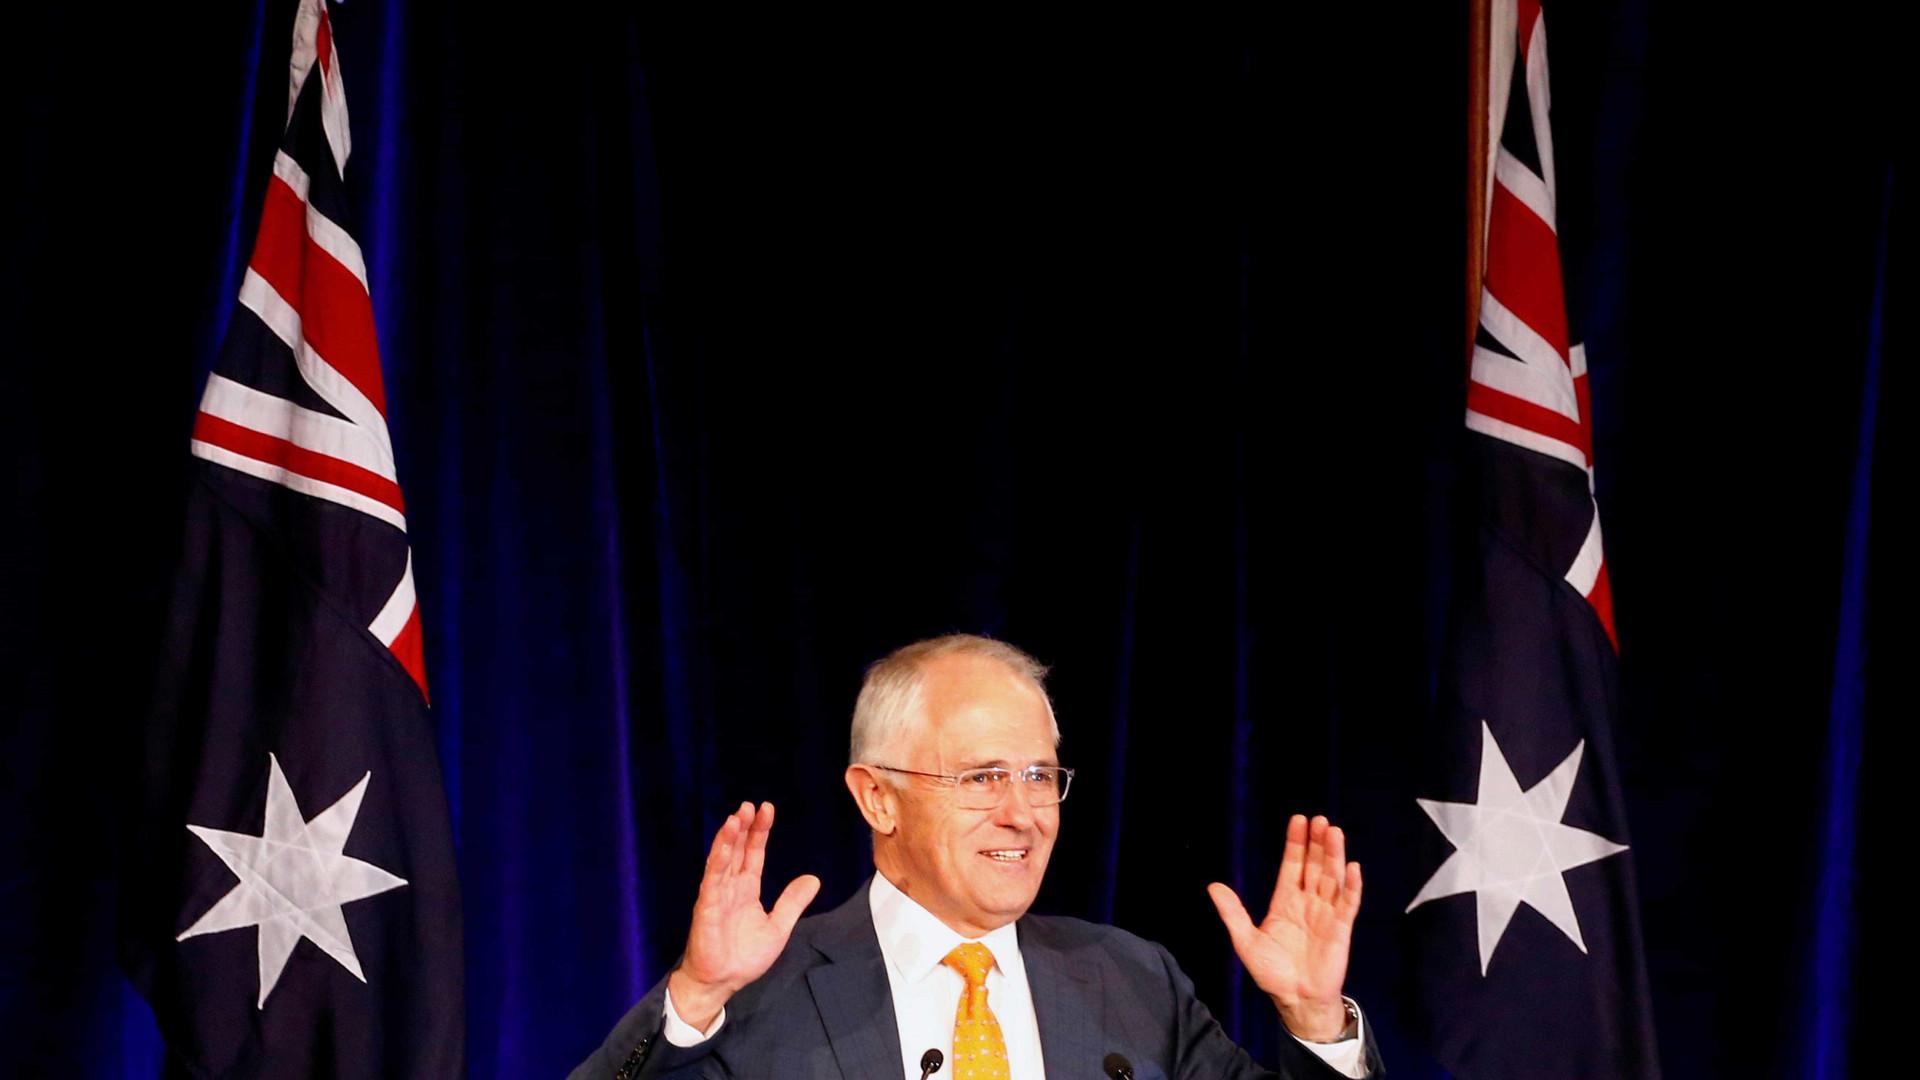 Austrália vai criar superministério para a segurança interna